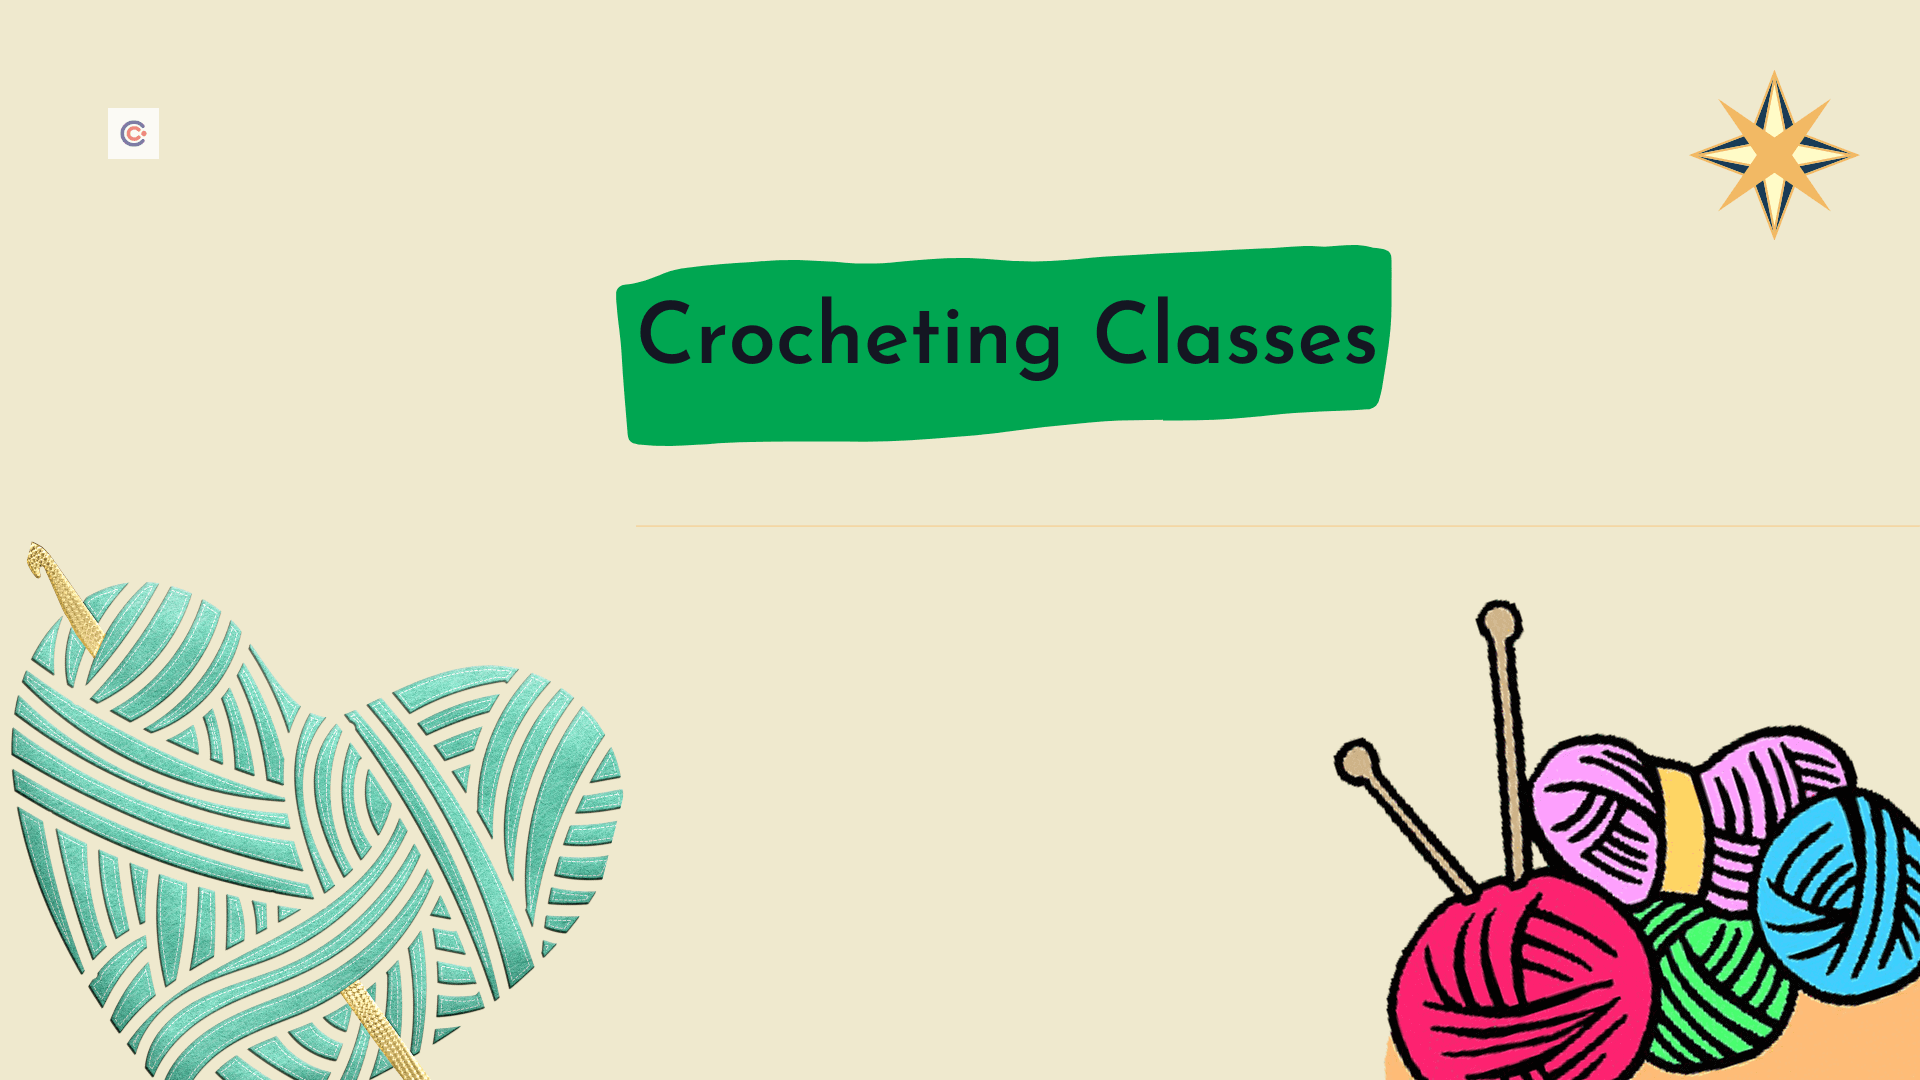 5 Best Crochet Classes - Learn Crocheting Online